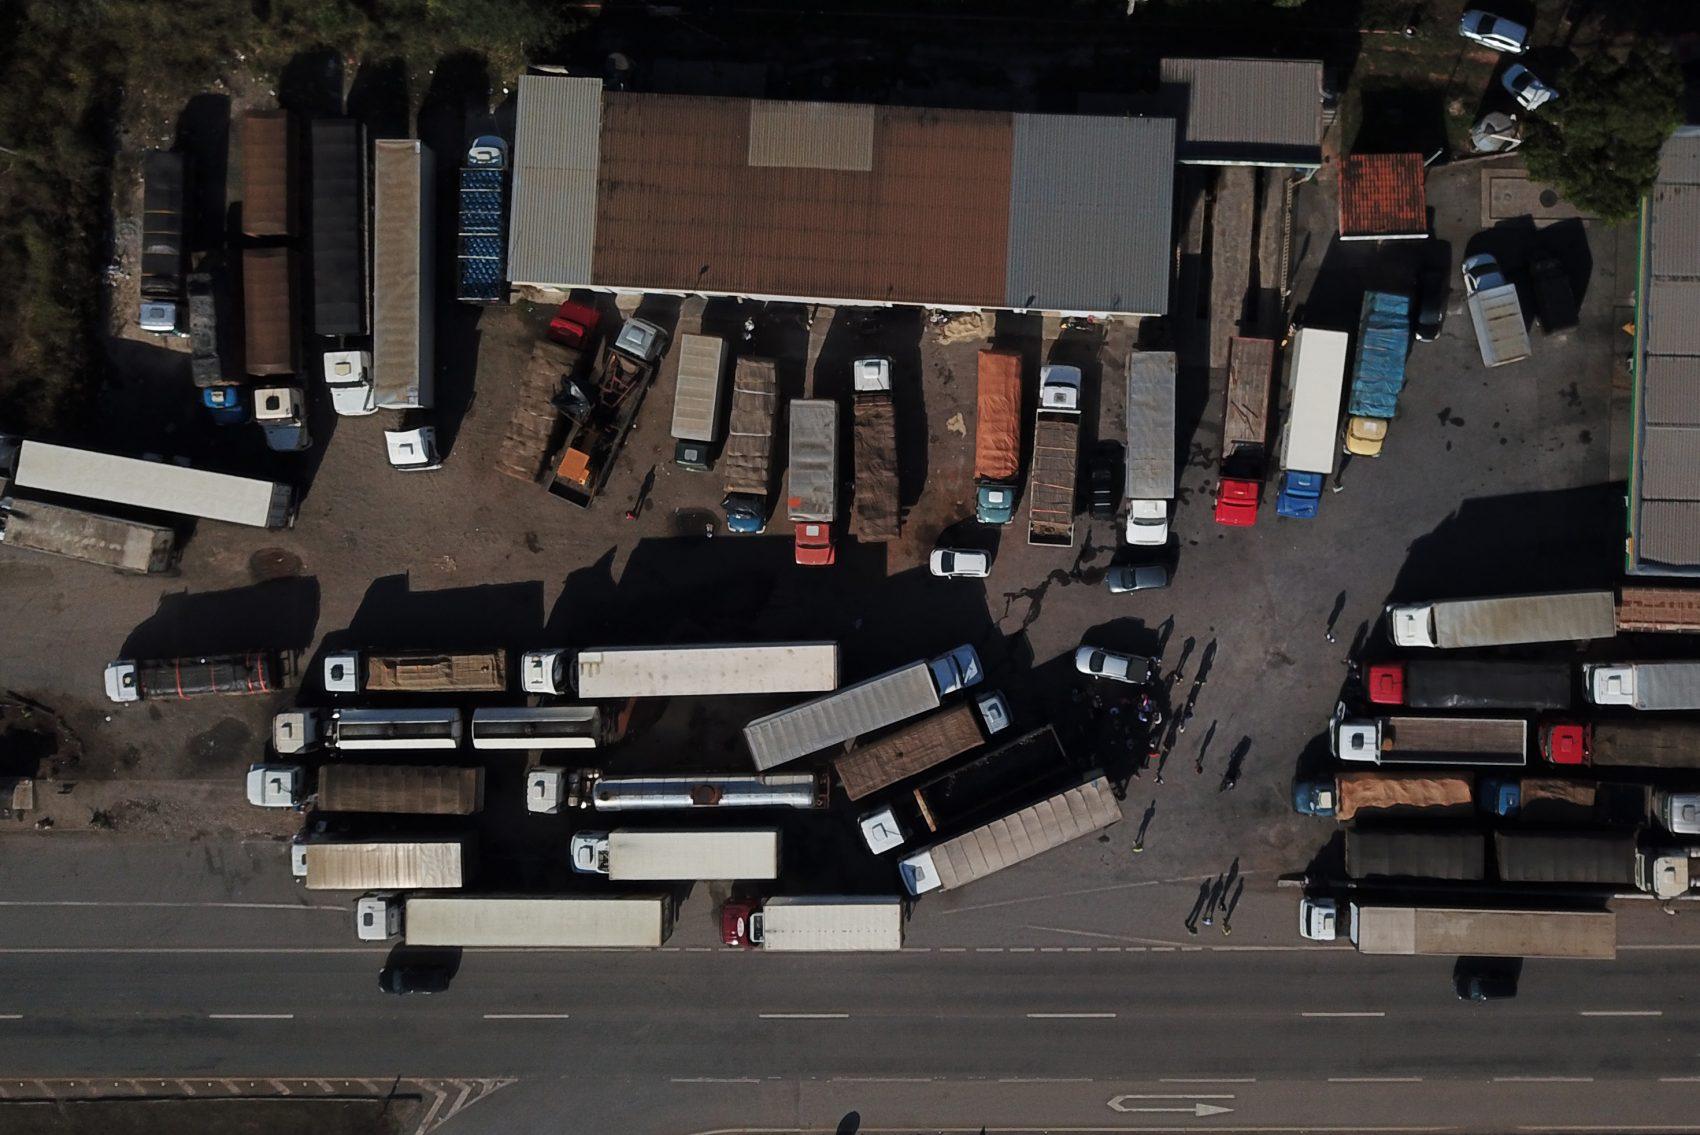 O nós nas estradas e na economia: caminhões na BR-262, em Juatuba, Minas Gerais, no quinto dia da paralisação (Foto DOUGLAS MAGNO/AFP)